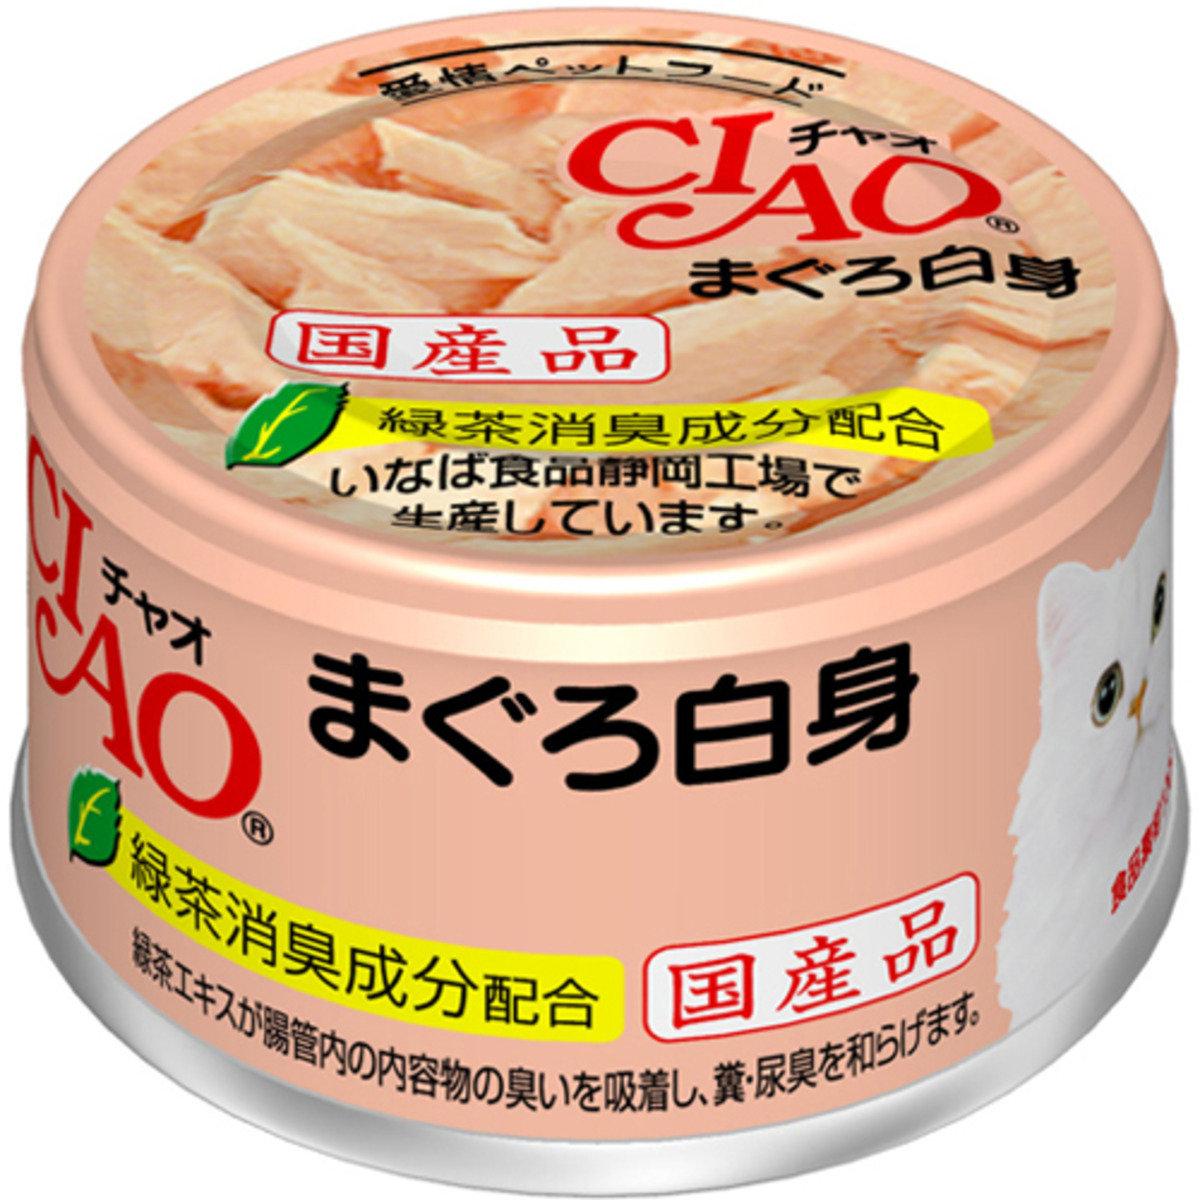 CIAO 綠茶白身金槍魚A-01 85g